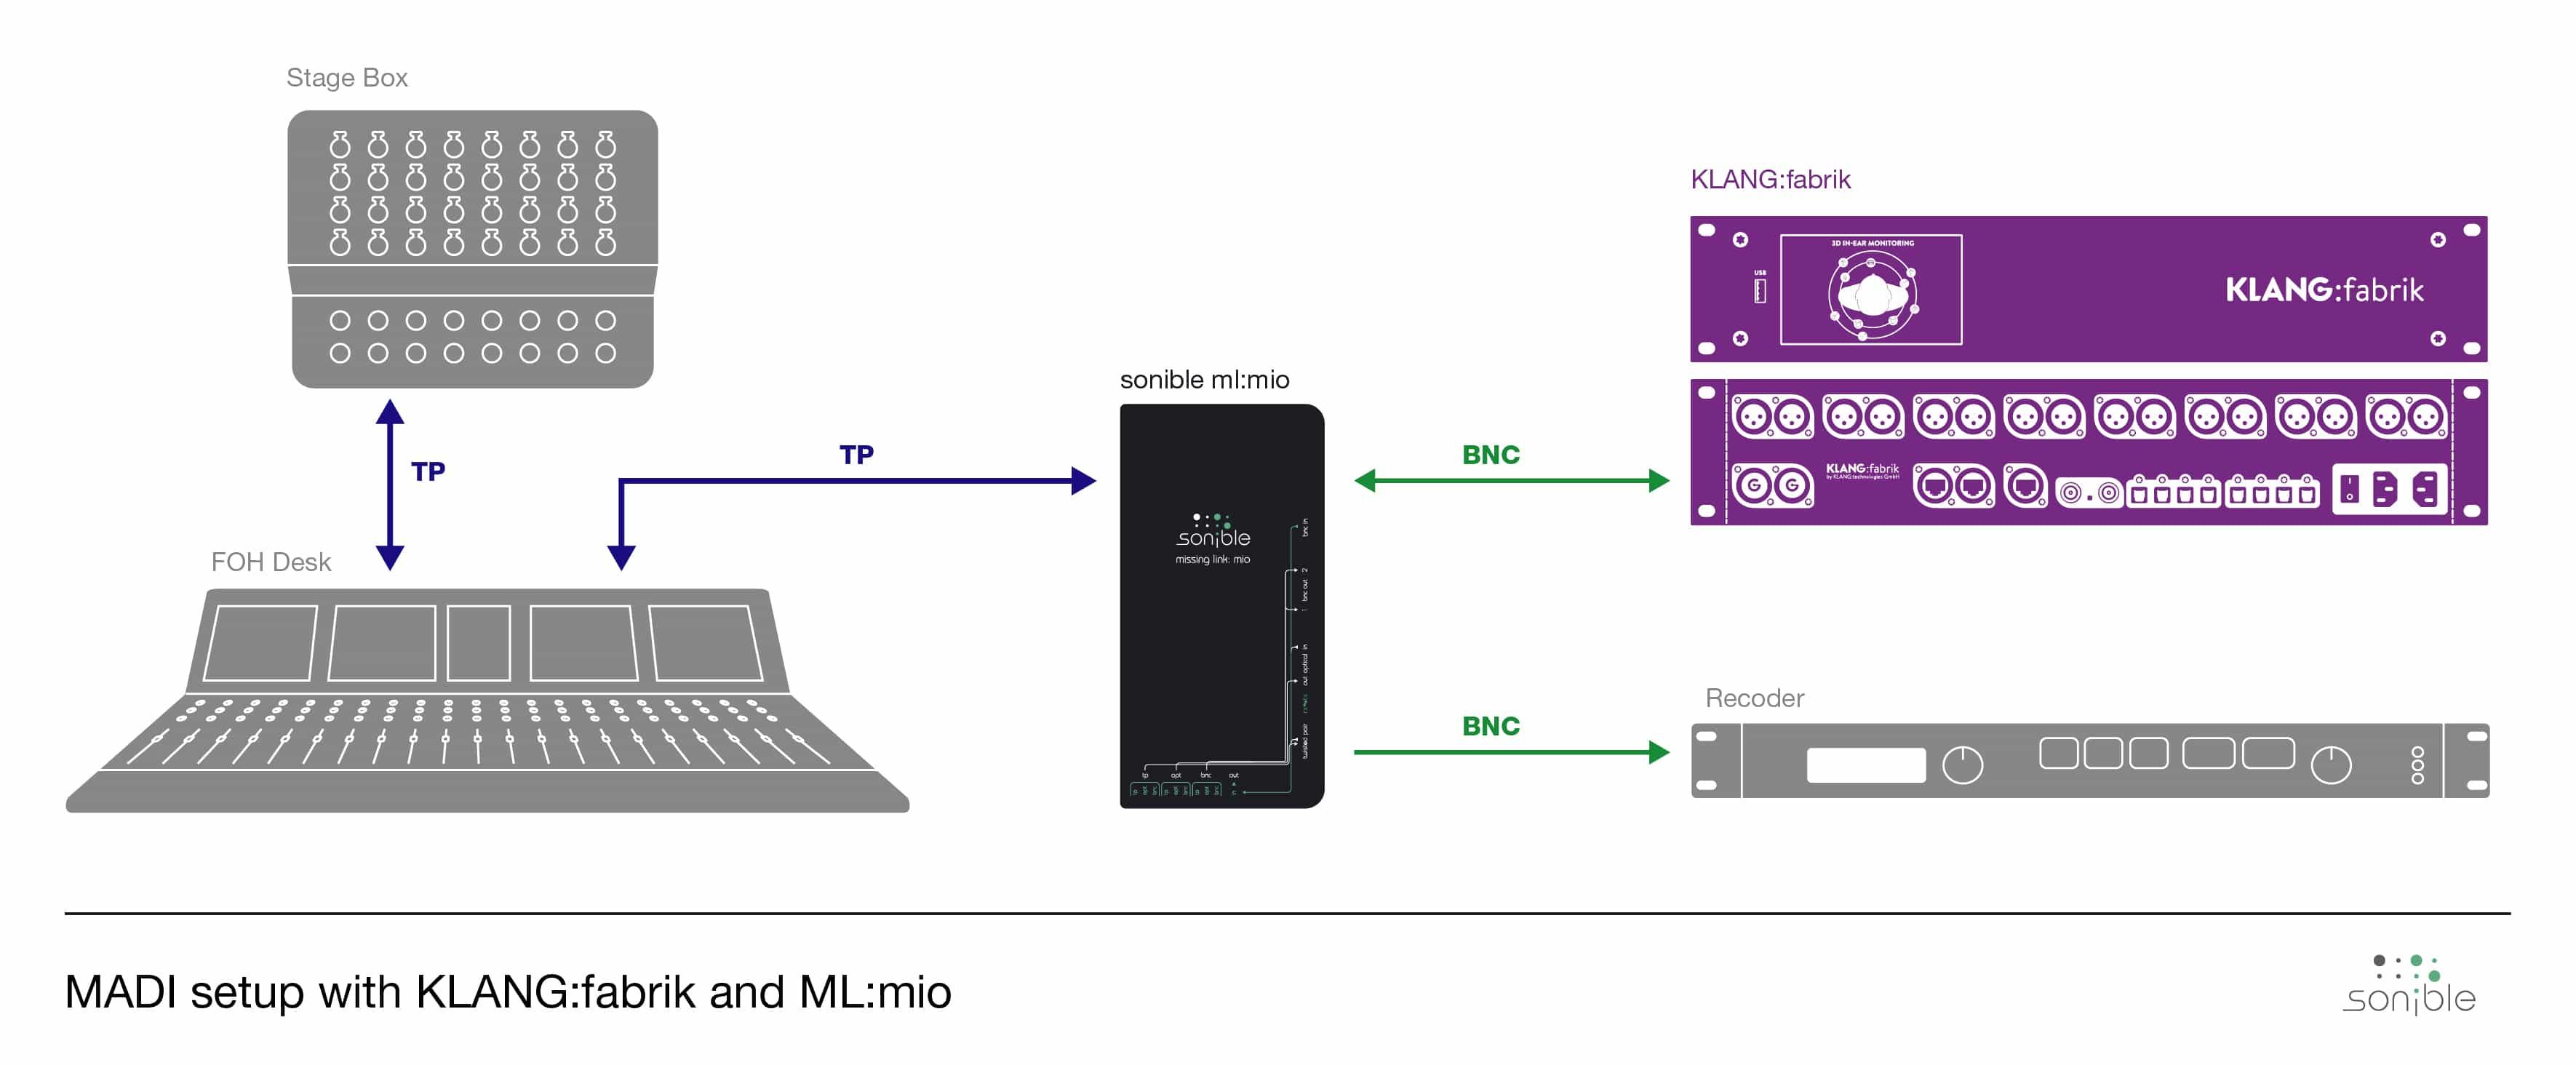 BNC MADI Connections ml:mio and KLANG:fabrik